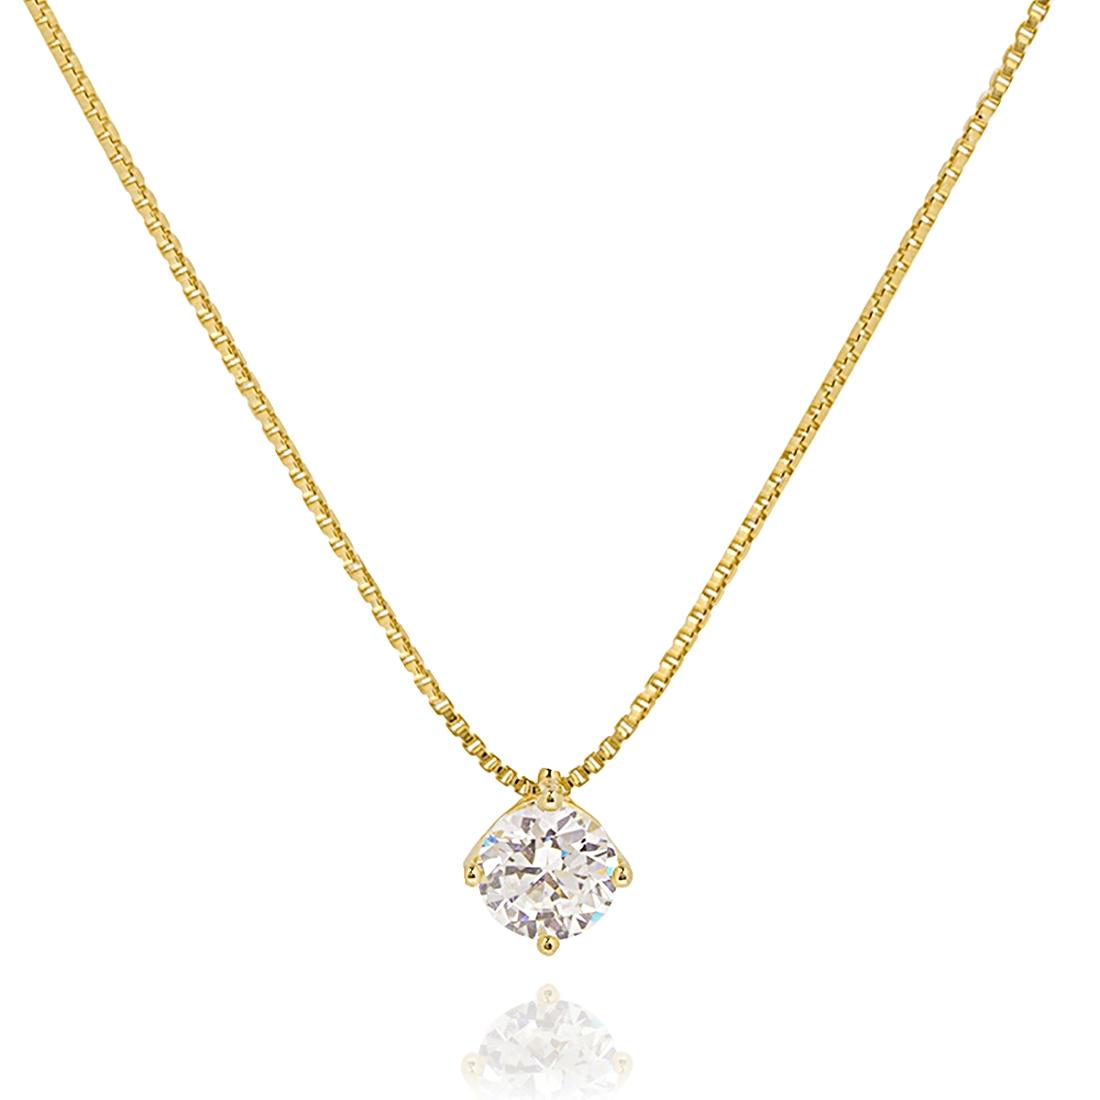 Colar Ponto de Luz Grande Semijoia em Ouro 18K com Zircônia Branca  - Soloyou